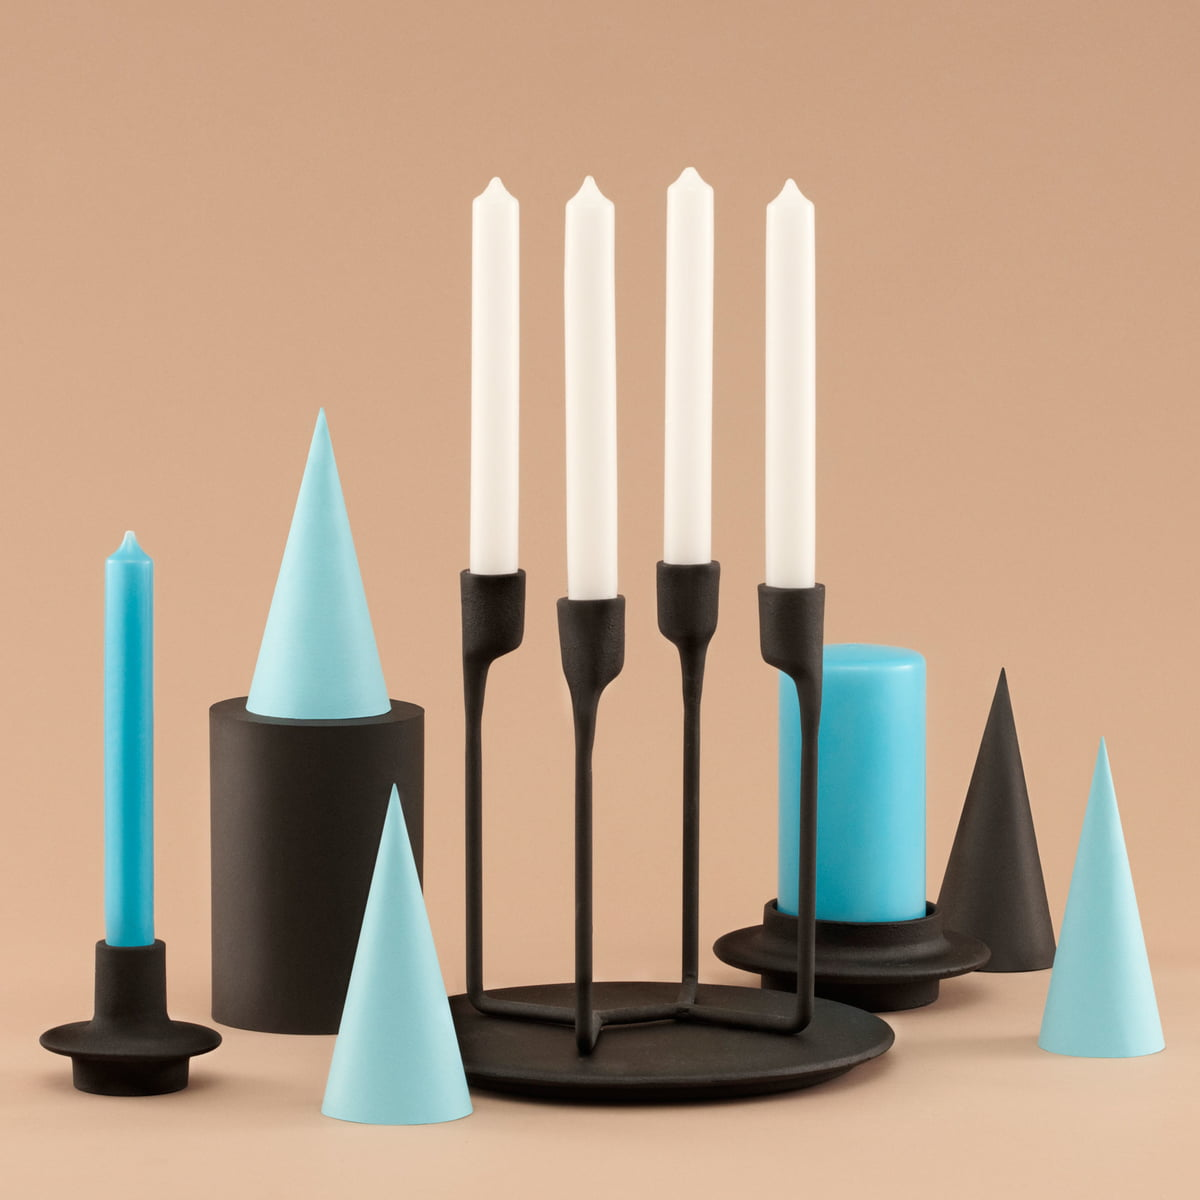 79a469862b Minimalist Nordic design - the Heima Collection · Sculptural Heima  collection. Normann Copenhagen - Heima Tealight Holder